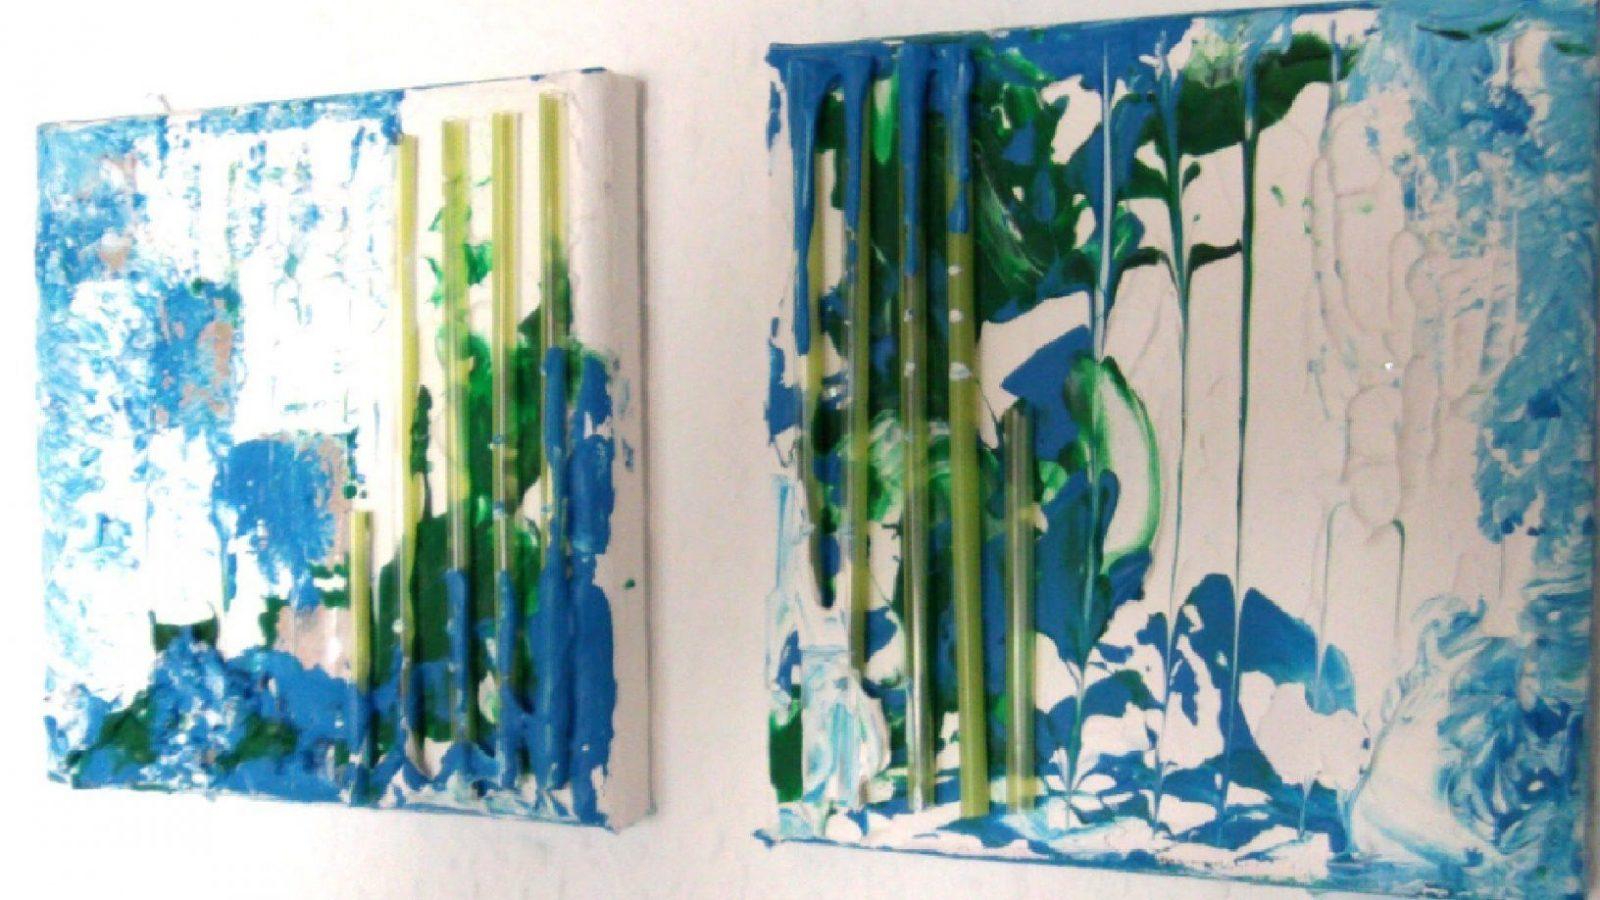 Abstrakt Malen Mit Acryl (Abstract Painting With Acrylic)[Hd]  Youtube von Moderne Bilder Selber Malen Bild